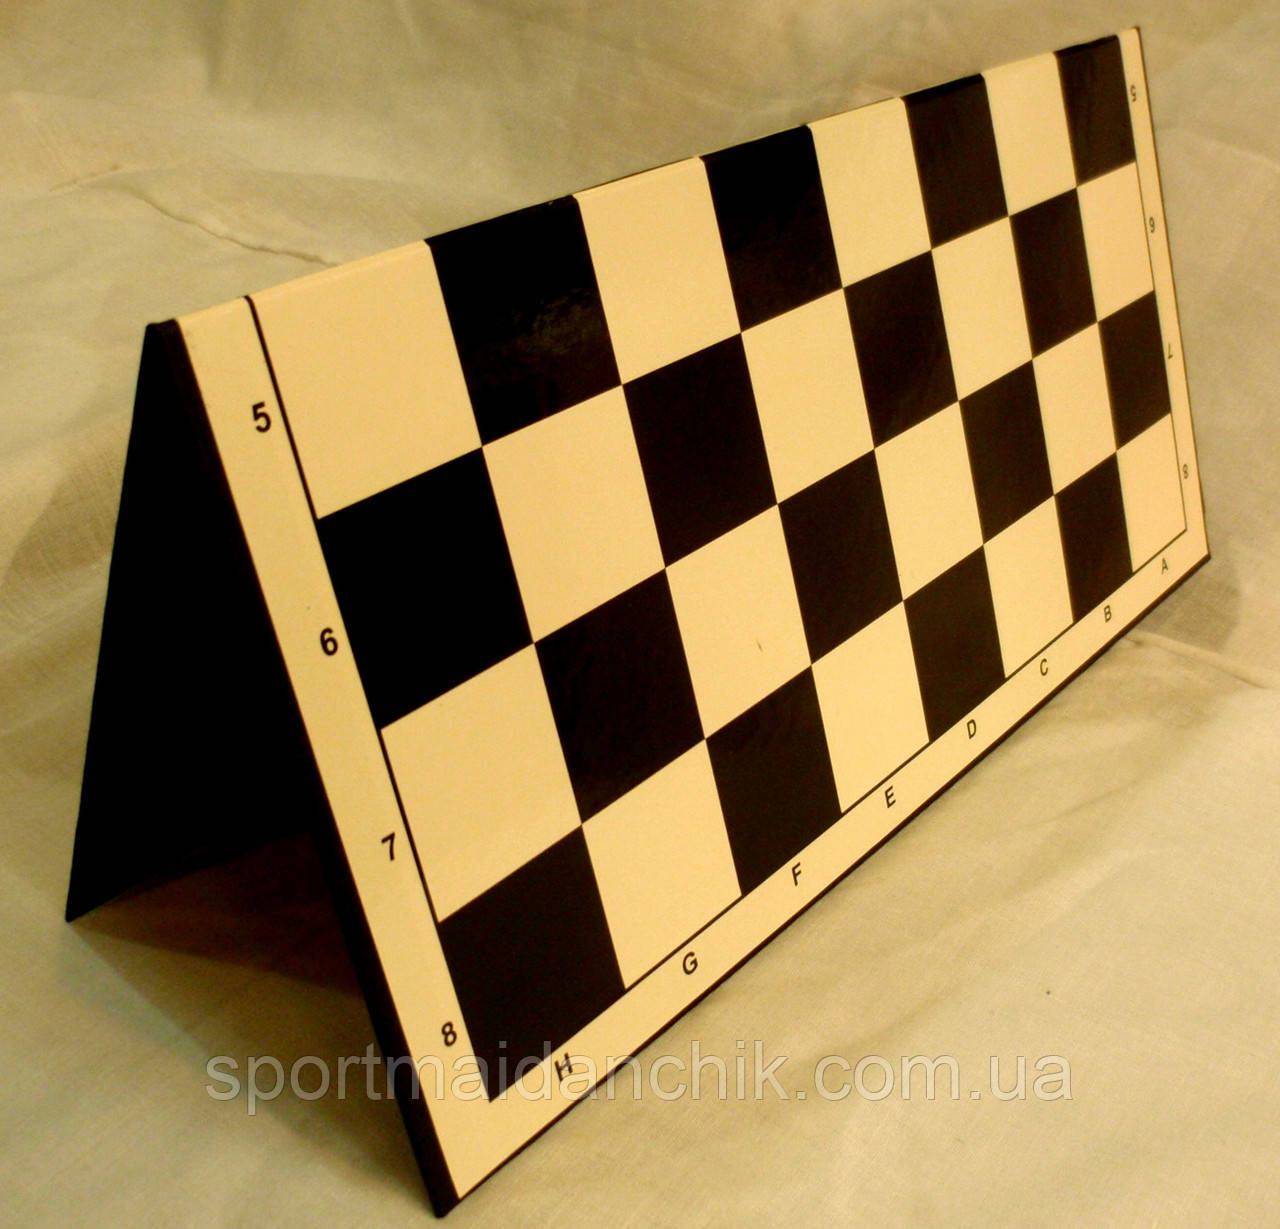 Доска для шашек своими руками фото